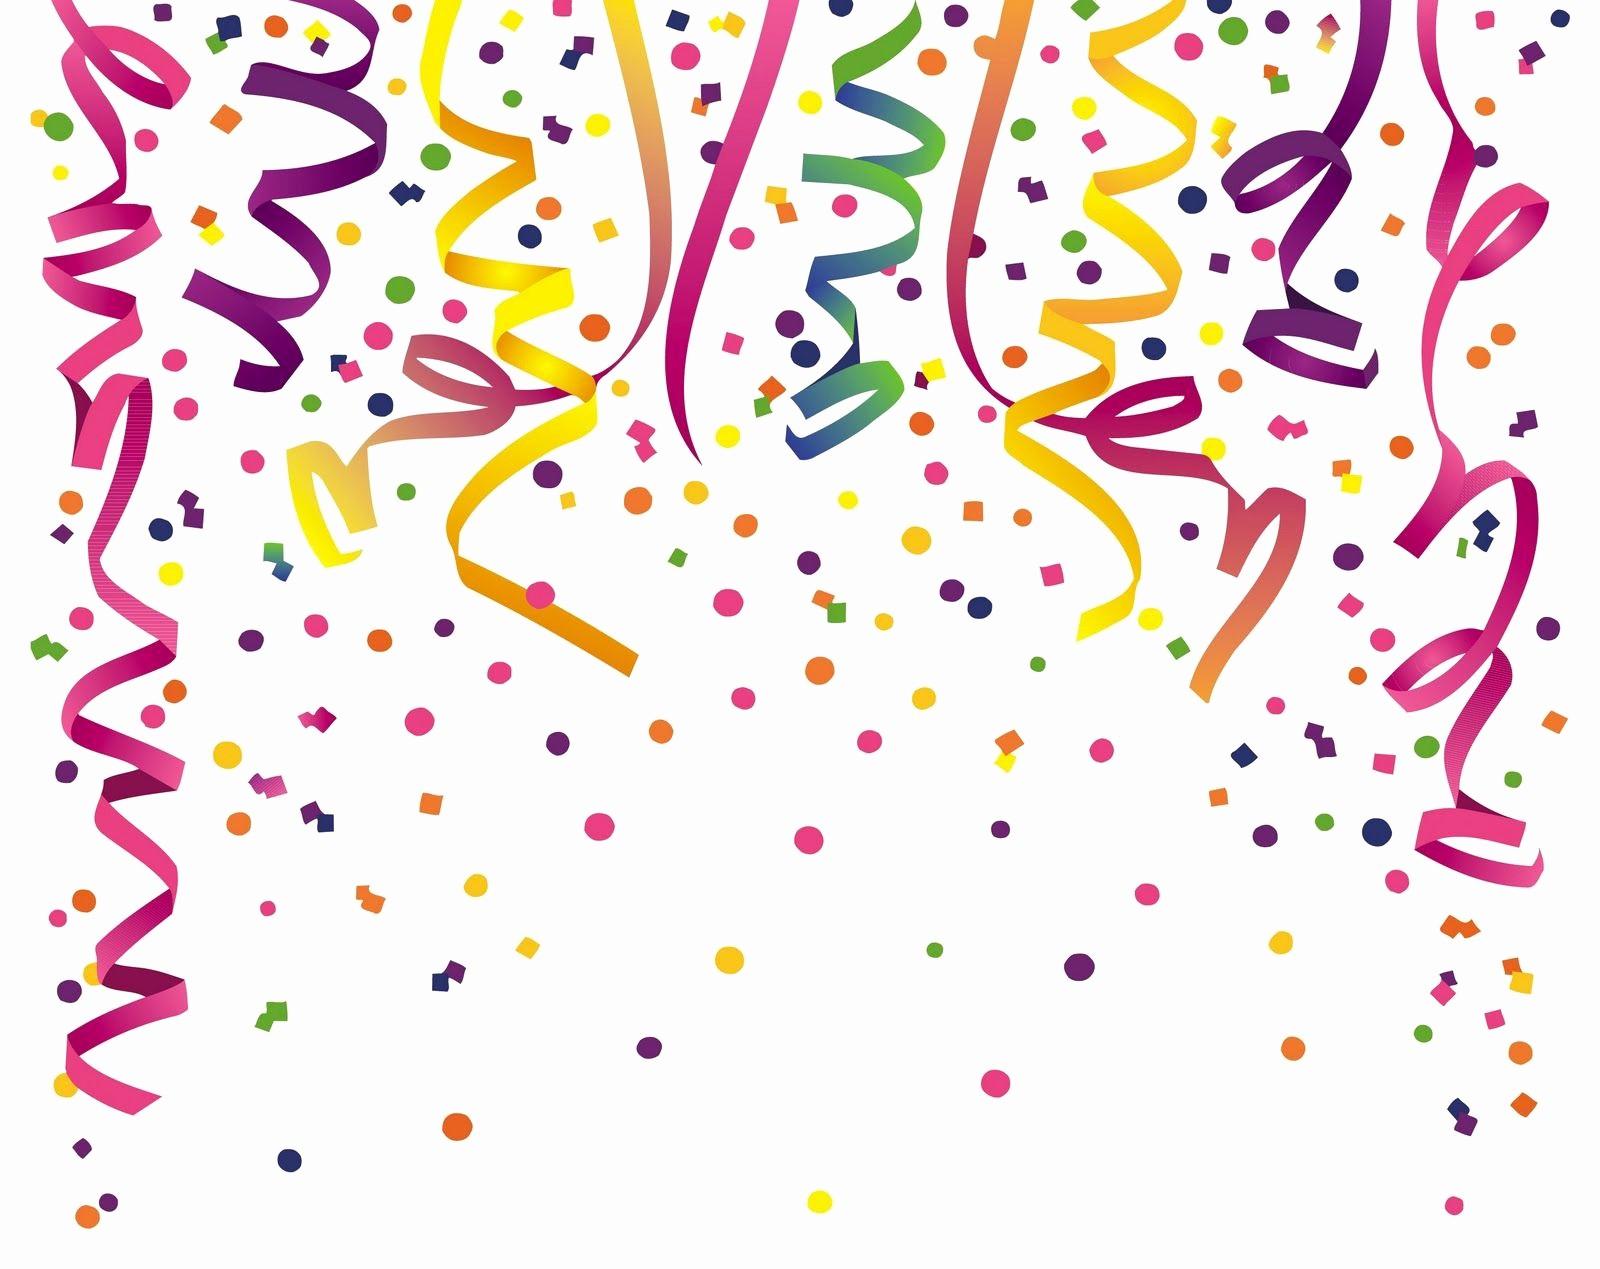 Fondos Para Tarjetas De Cumpleaños Elegant Tarjetas De Cumpleaños Tumblr Para Fondo De Pantalla En Hd